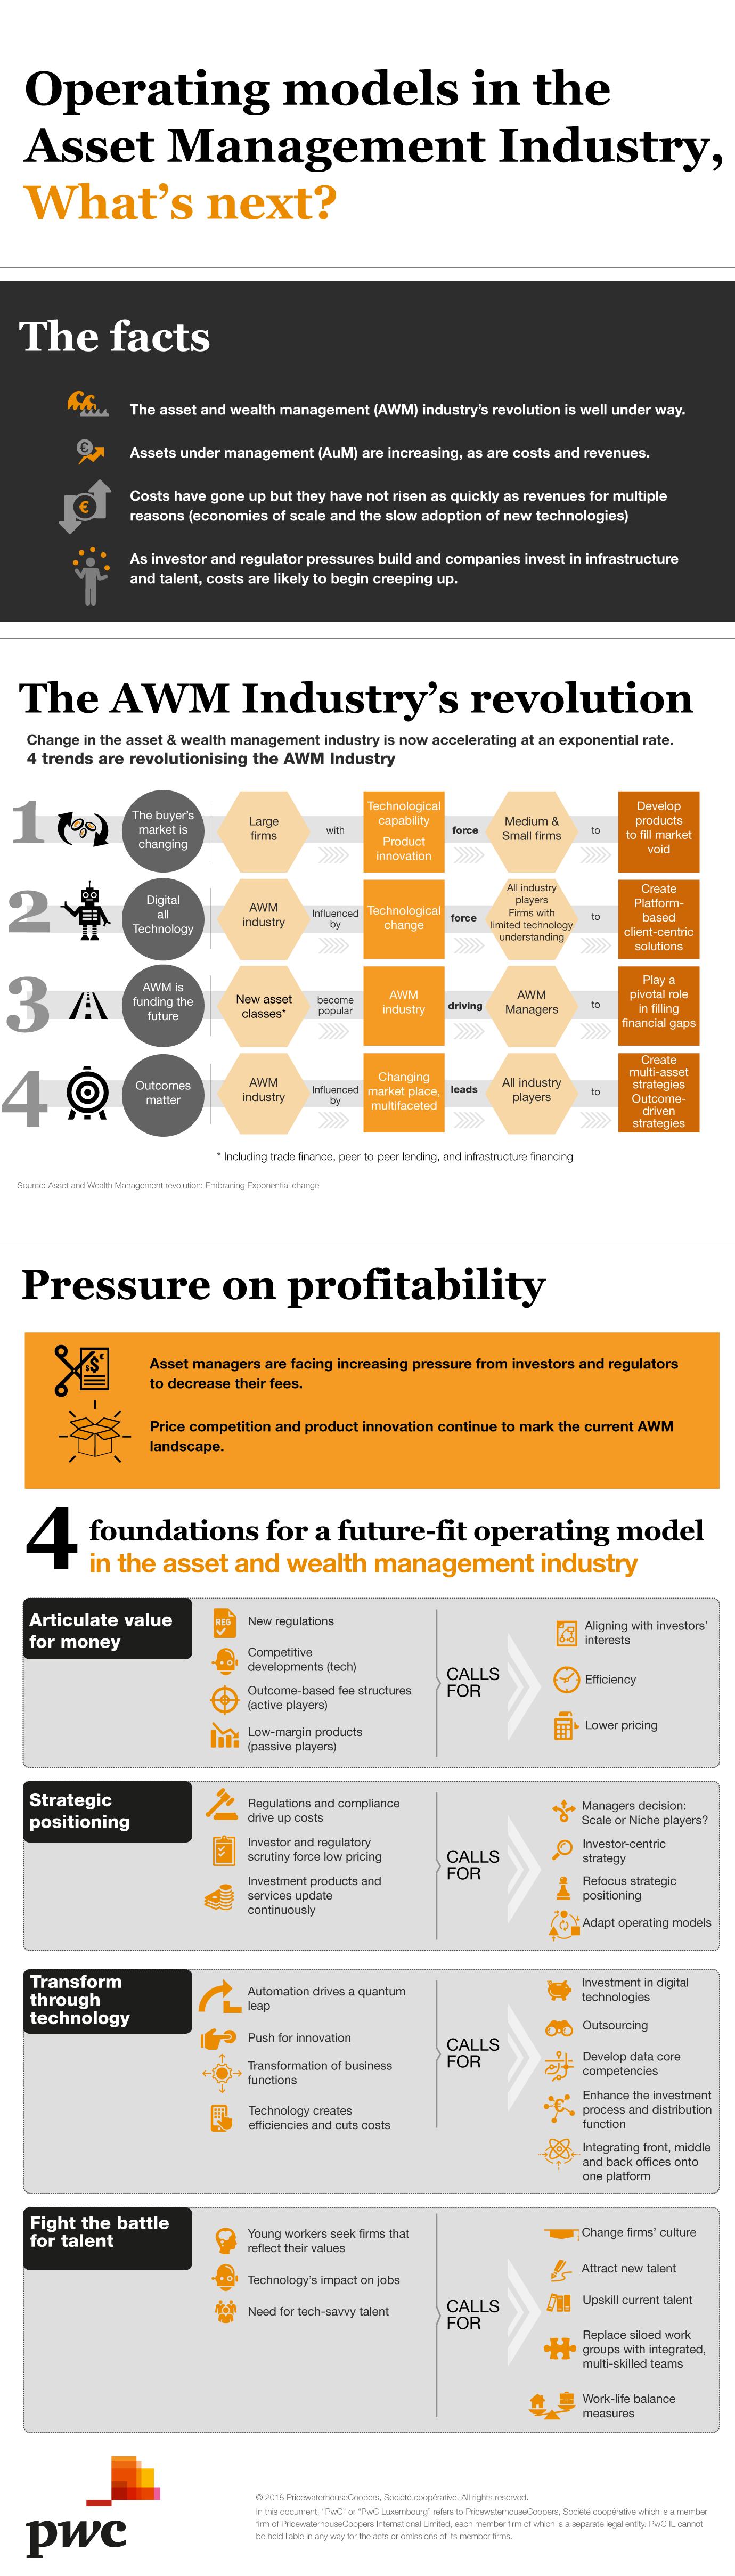 Operation models in Asset Management